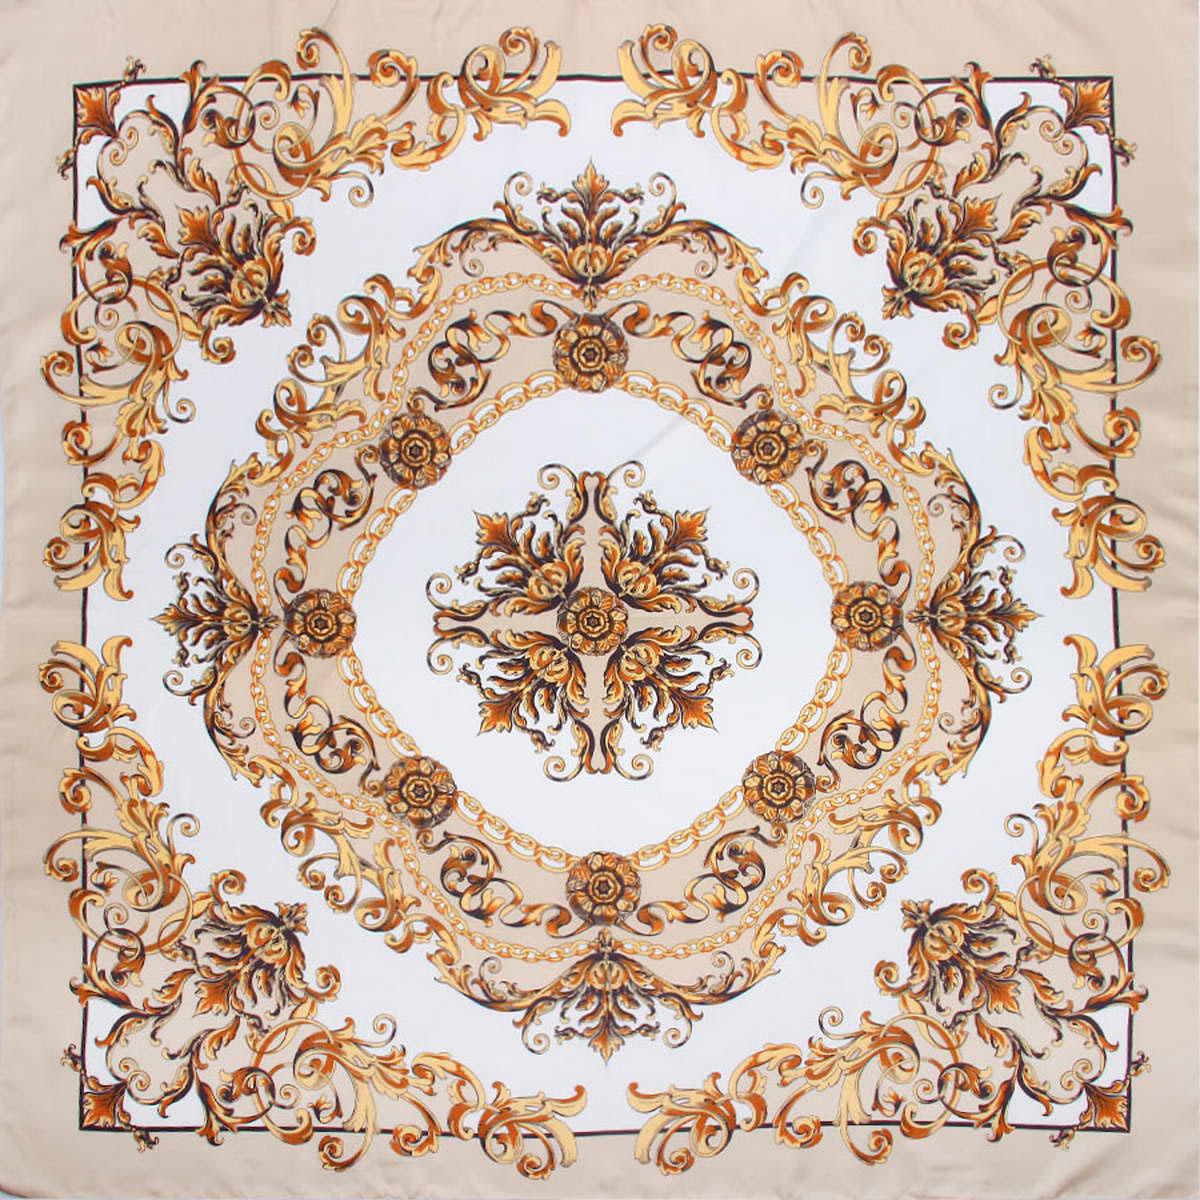 Платок женский Venera, цвет: бежевый, белый. 3904472-1. Размер 90 см х 90 см3904472-1Стильный женский платок Venera изготовлен из качественного и легкого полиэстера, будет самым универсальным вариантом для повседневного аксессуара.Великолепный насыщенный цвет и оригинальный принт, напоминающий узор аристократичного стиля, будут придавать любому вашему наряду изысканности, подчеркивать женственность и стильность.Классическая квадратная форма позволяет носить платок на шее, украшать им прическу или декорировать сумочку.Такой платок превосходно дополнит любой наряд и подчеркнет ваш неповторимый вкус и элегантность.